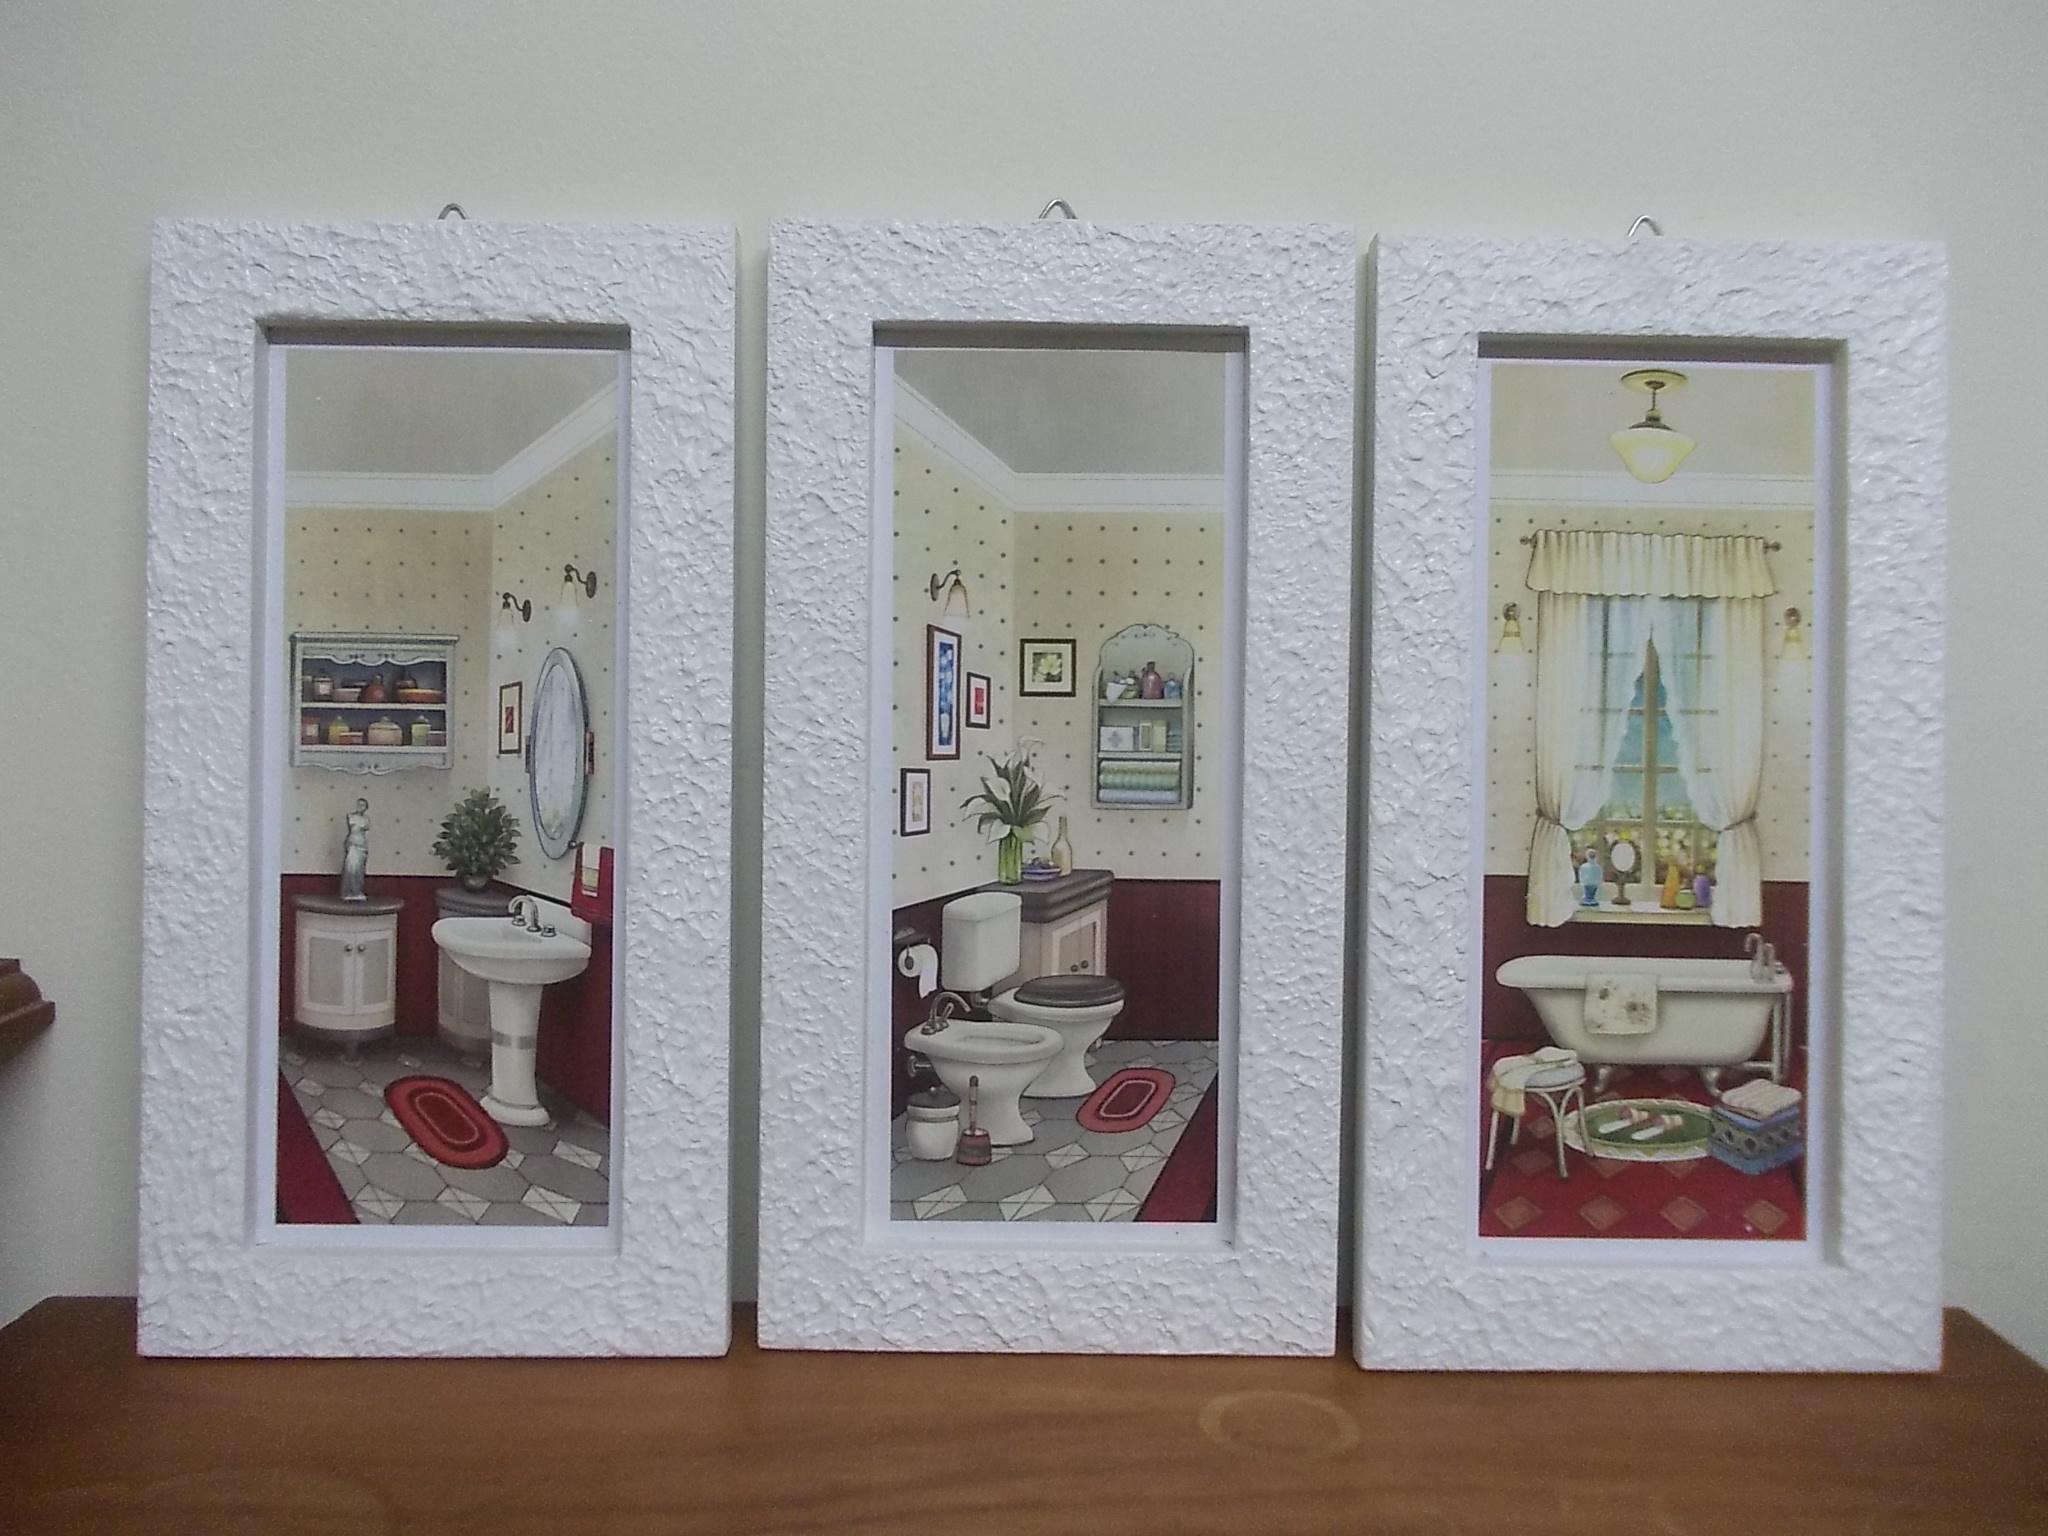 Quadro decorativo para banheiro Luz de Cera Artesanato Elo7 #684634 2048x1536 Acessorios De Banheiro Onde Comprar